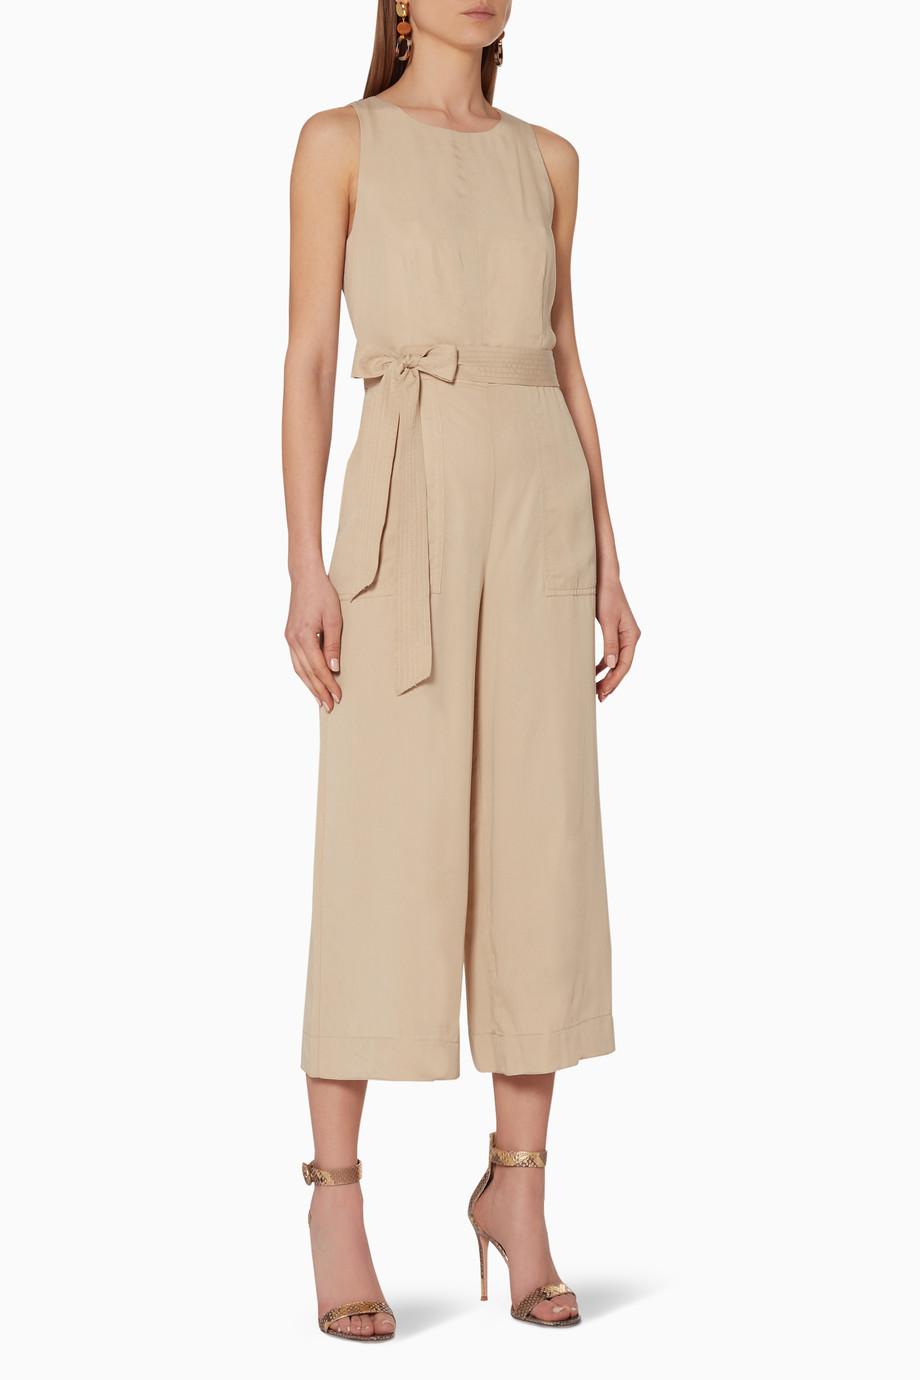 63fdace9 Shop BANANA REPUBLIC Brown Cropped Wide-Leg Jumpsuit for ...